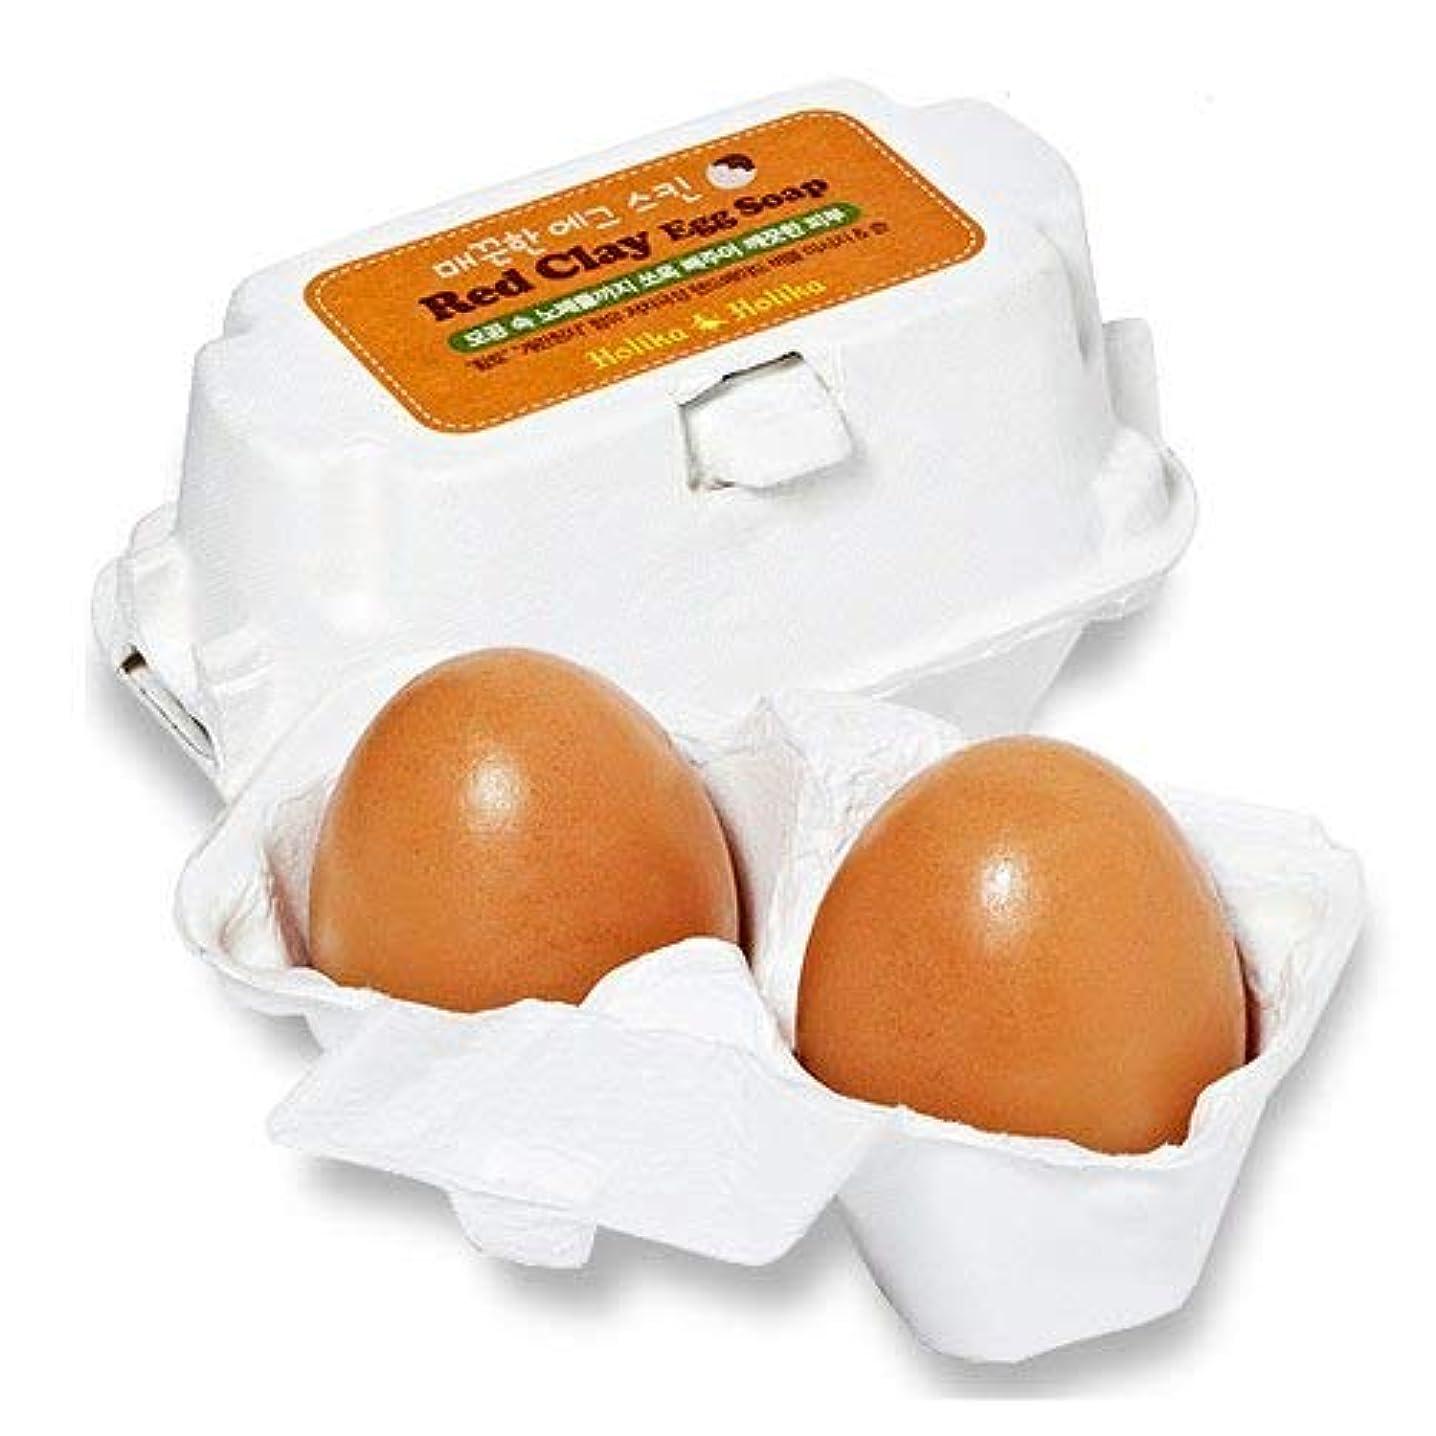 感じ裏切る驚かす[黄土/Red Clay] Holika Holika Egg Skin Egg Soap ホリカホリカ エッグスキン エッグソープ (50g*2個) [並行輸入品]